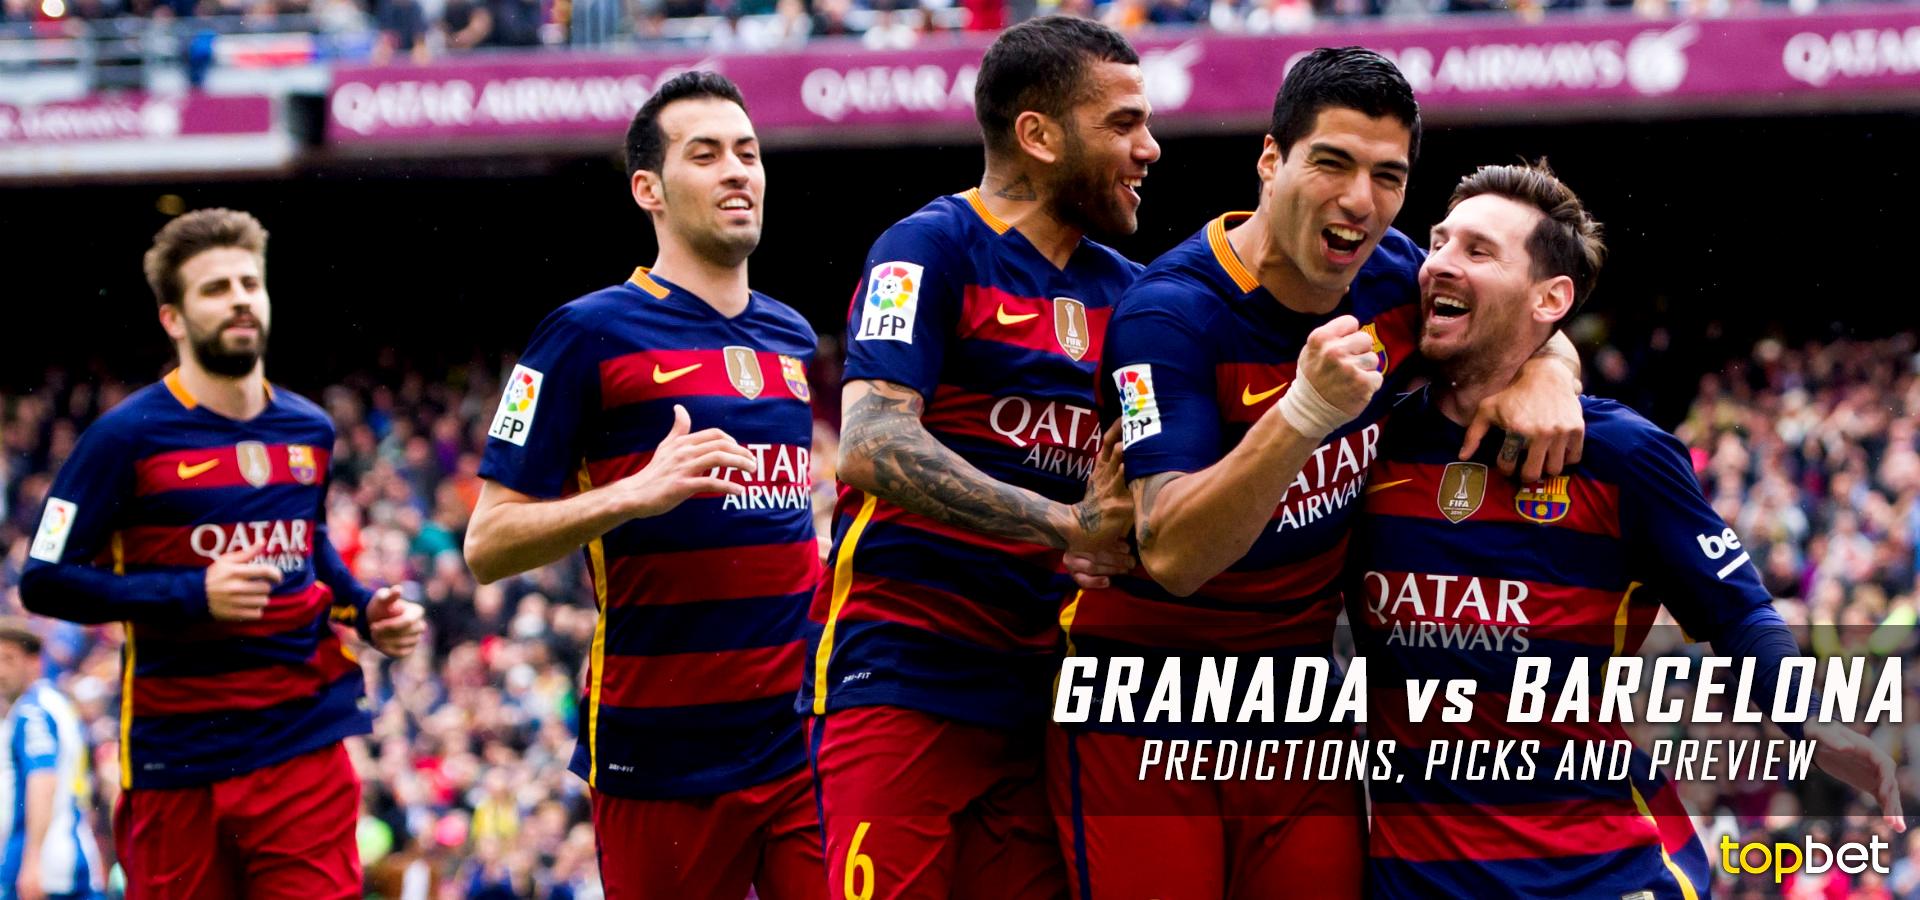 barcelona vs granada - photo #24